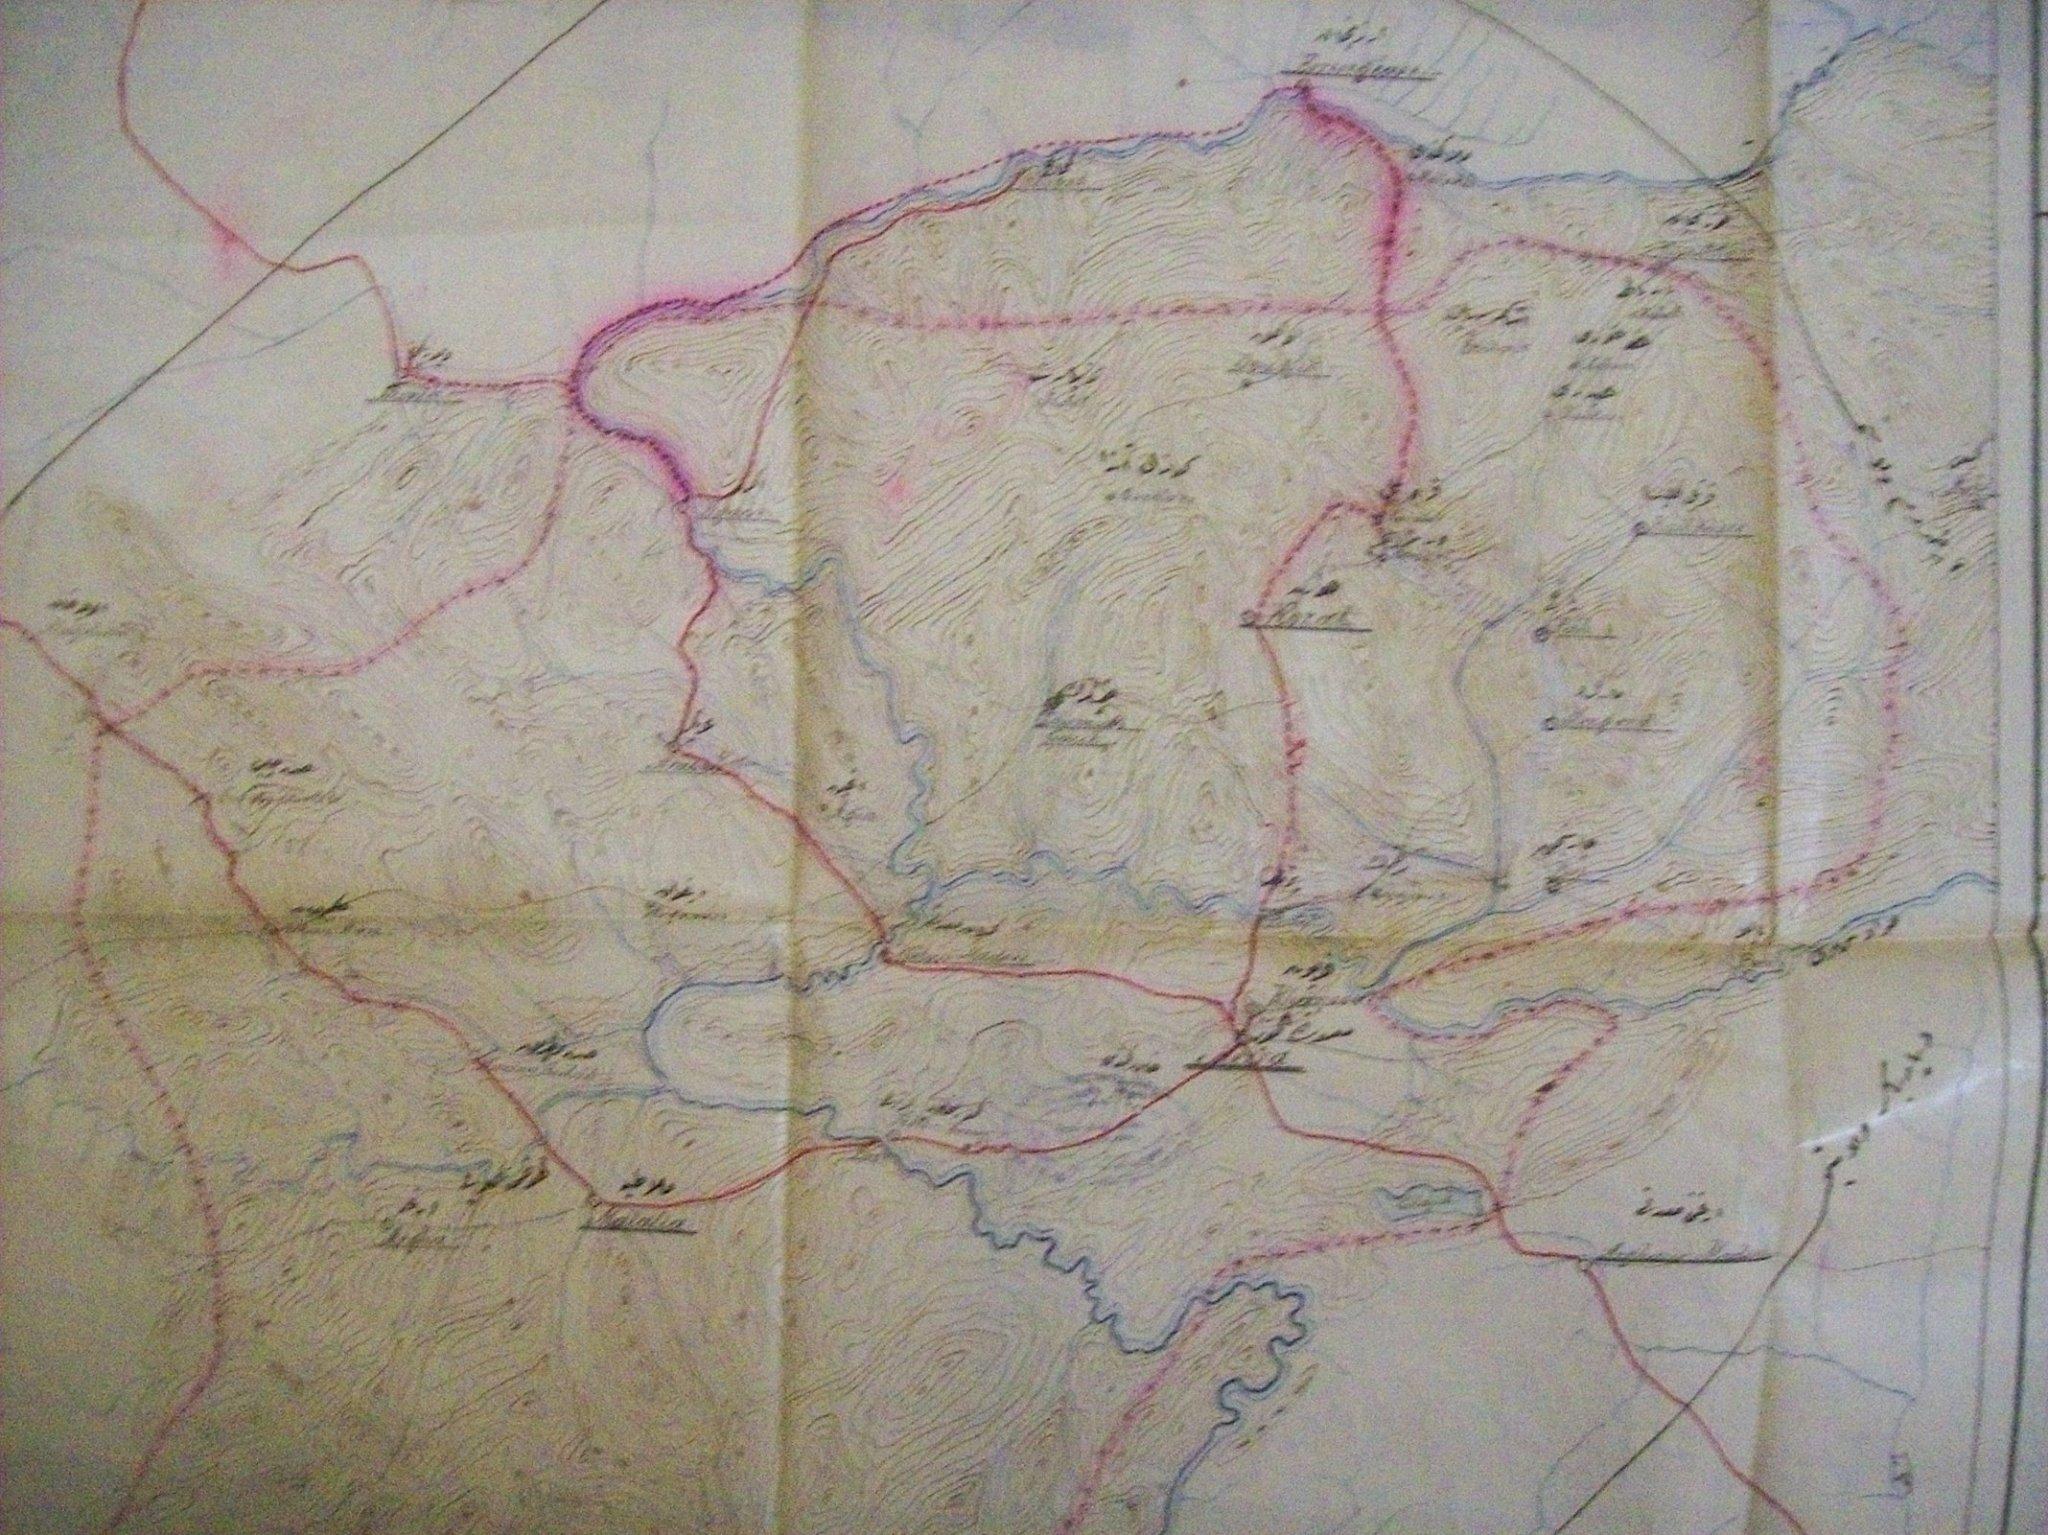 Dersim İsyanı ve Osmanlı arşivleri